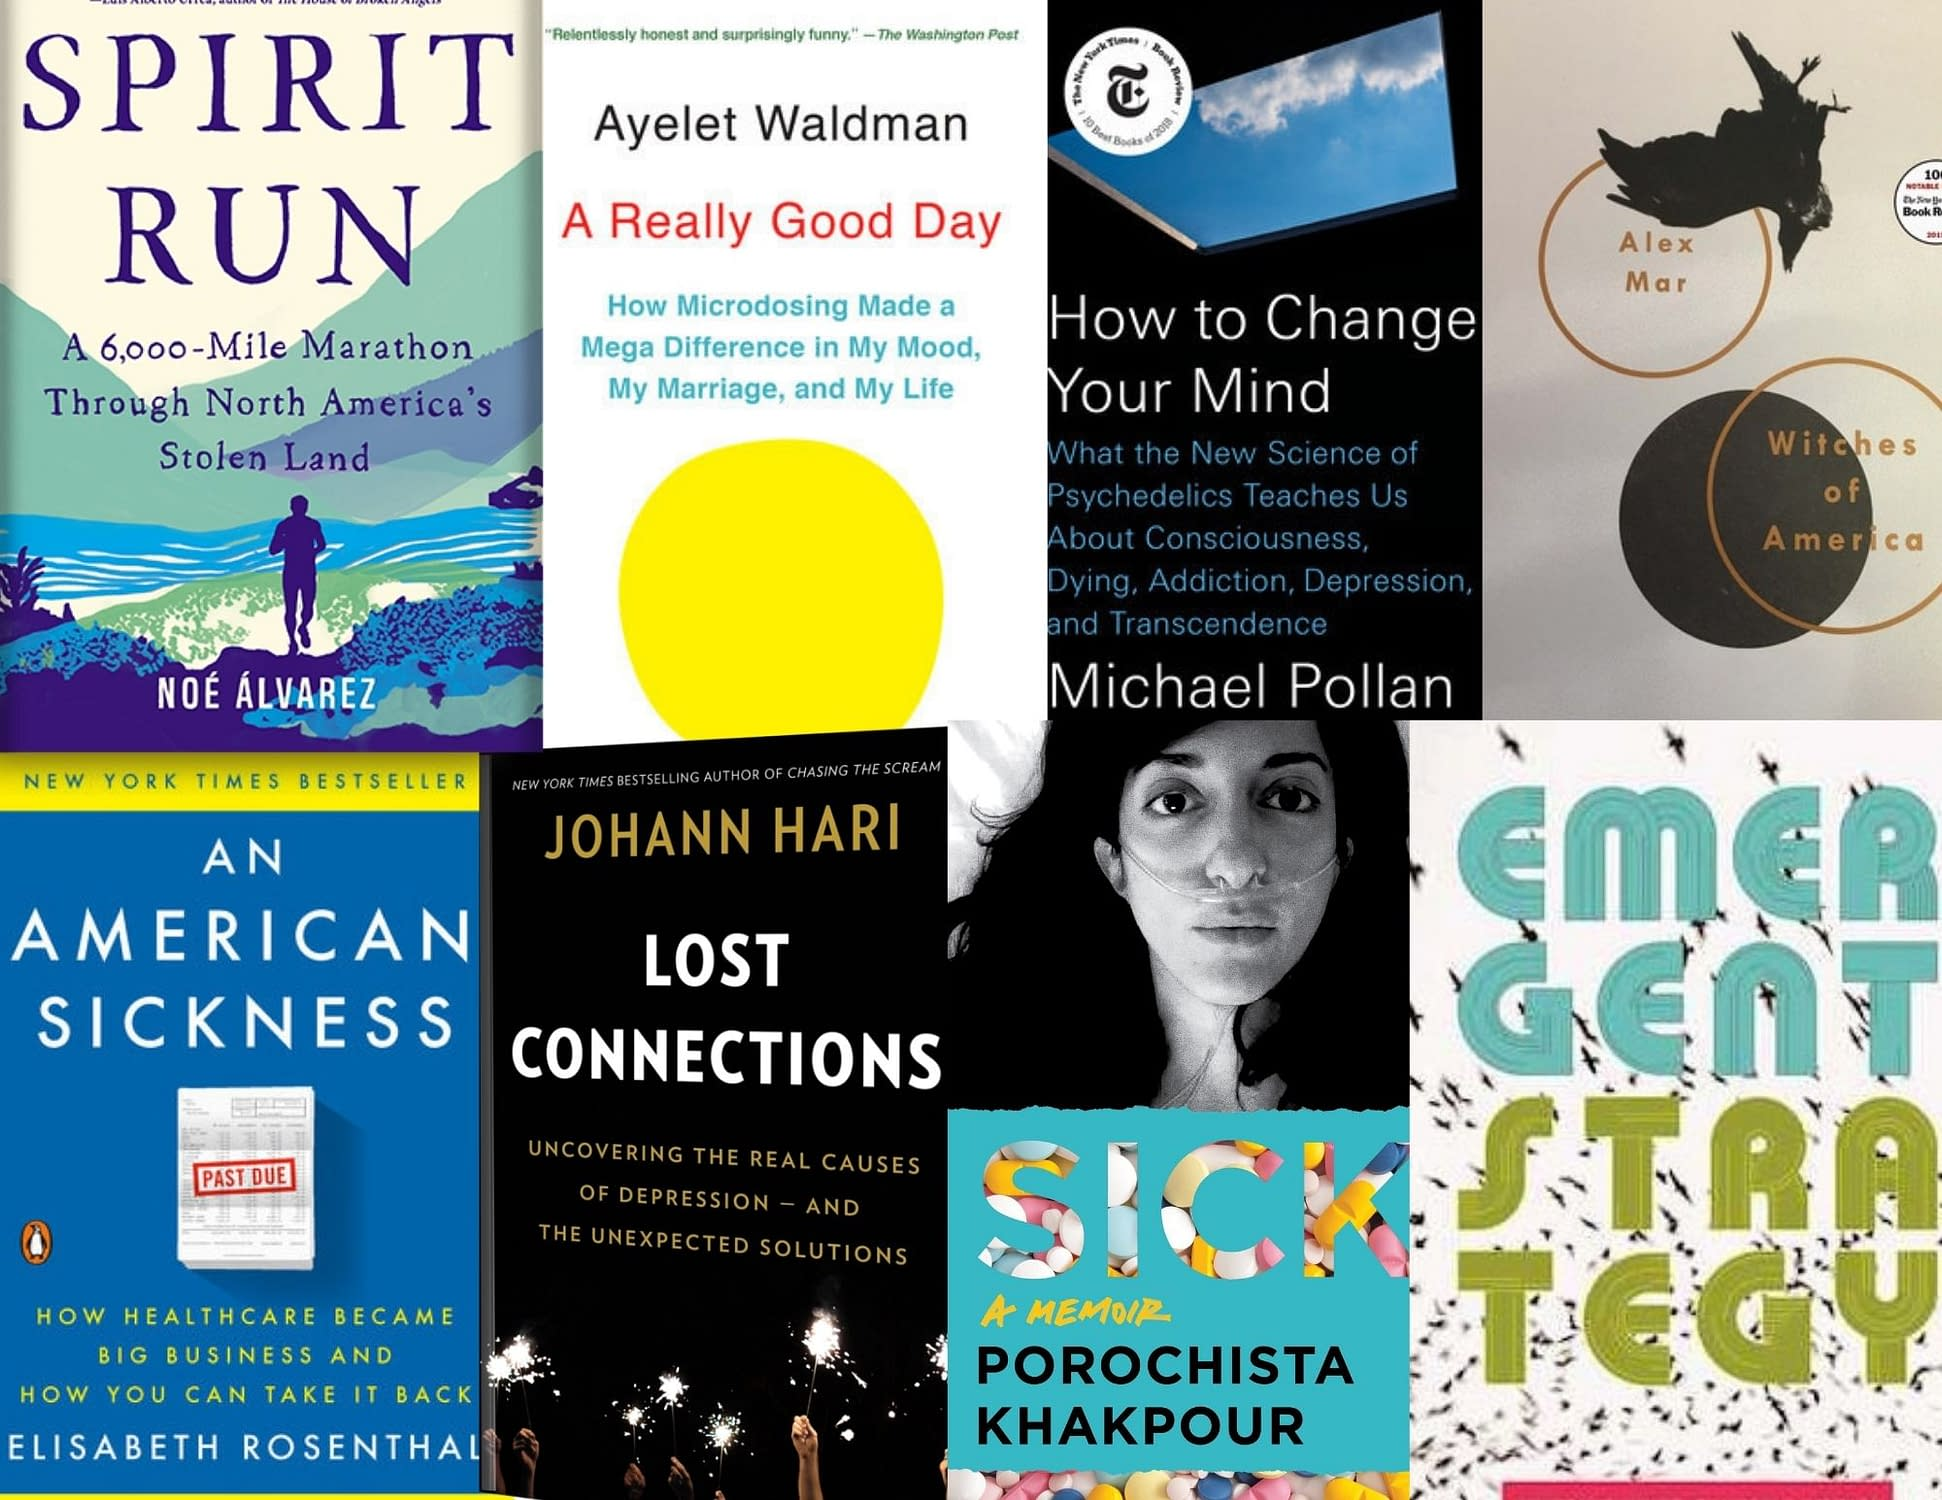 Where Shadows Grow: A Reading List